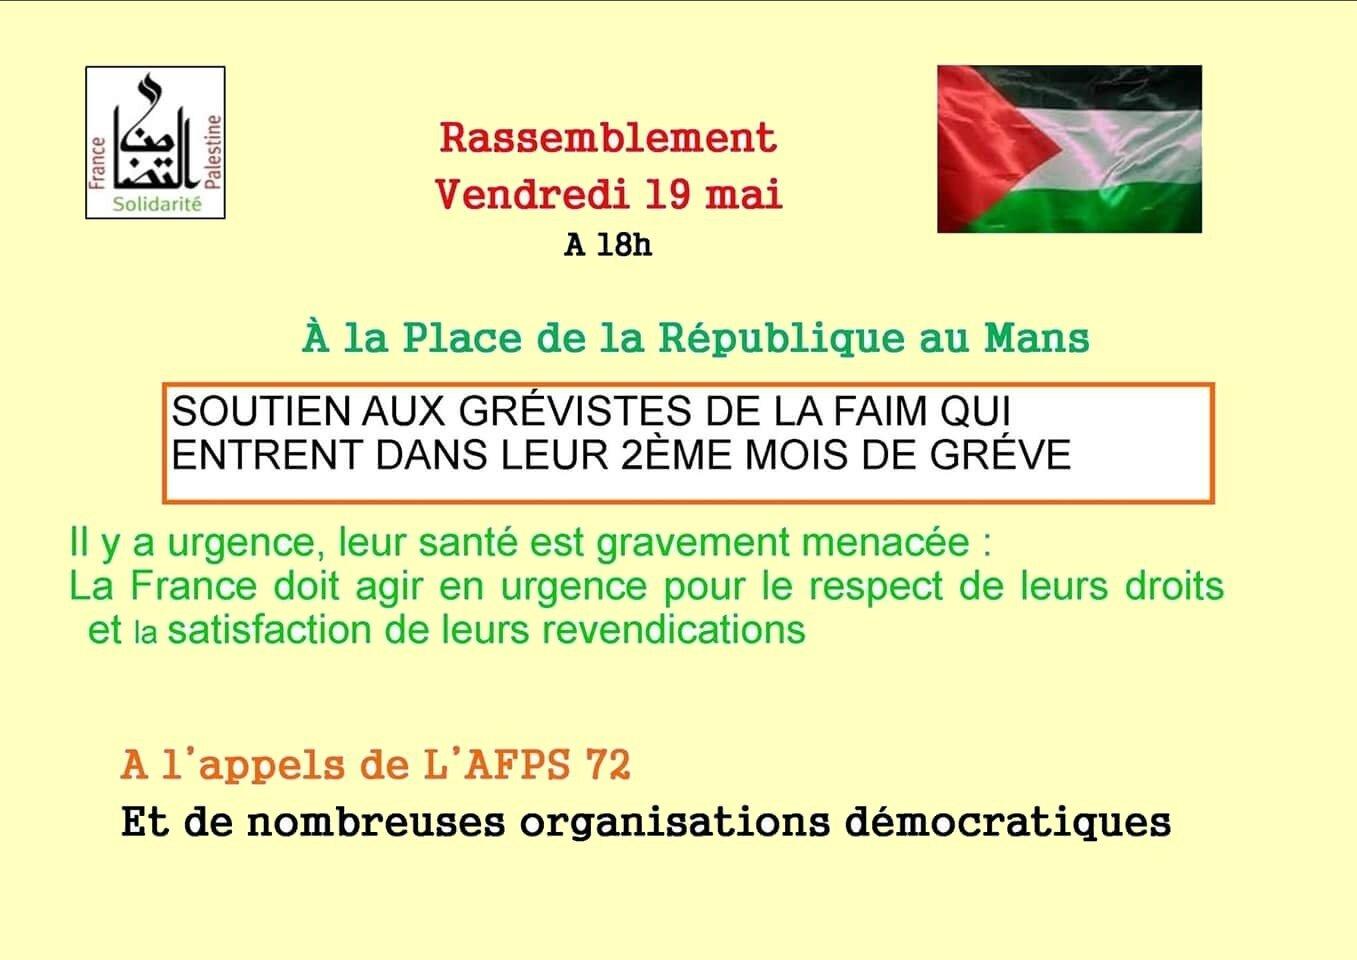 Le Mans, 19 mai 2017 : soutien aux grévistes de la faim palestiniens !